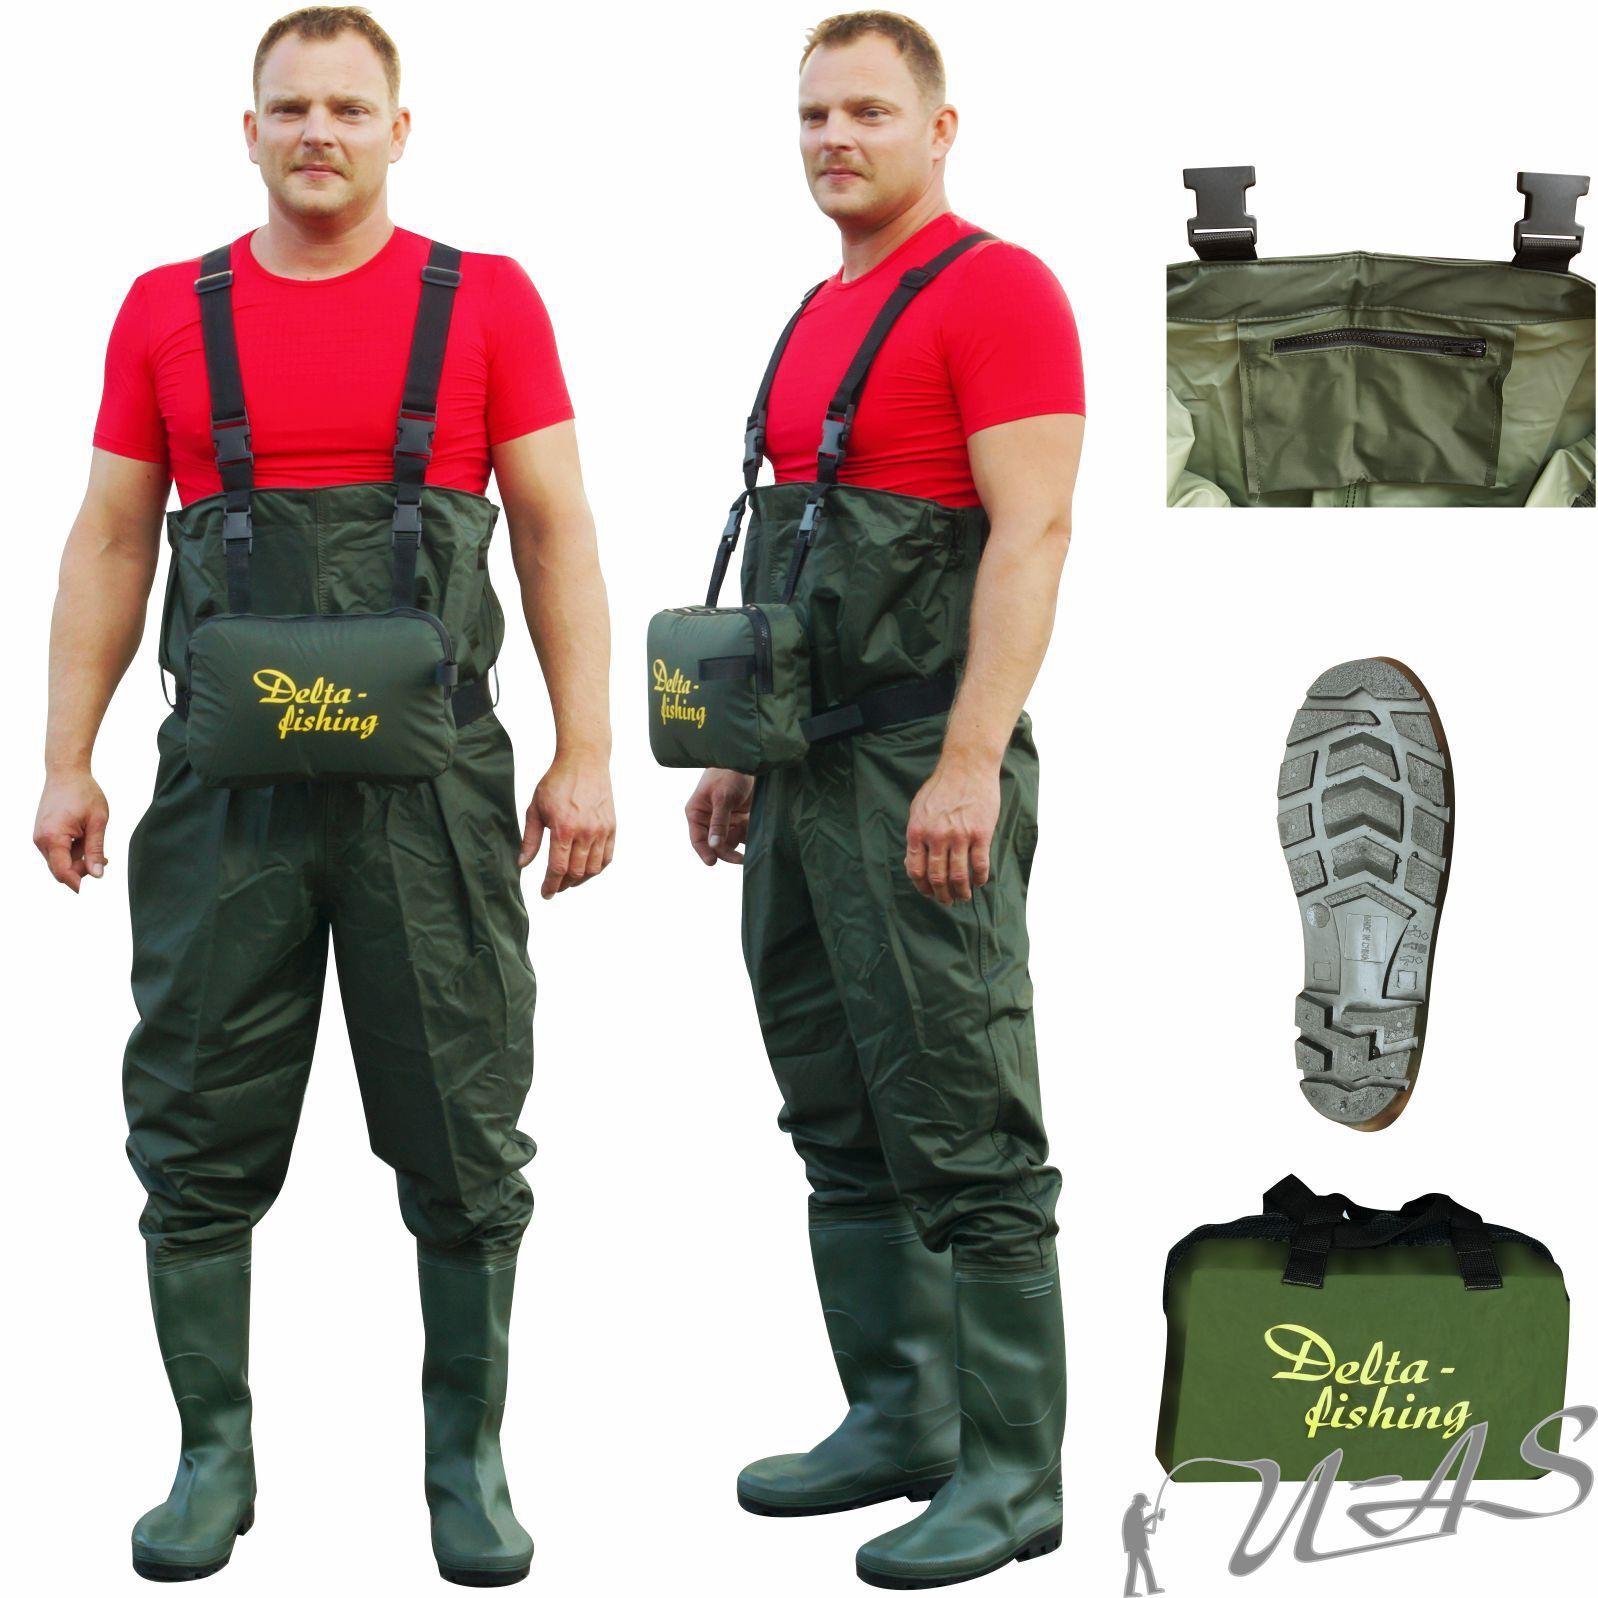 DELTA pesca IN NYLON PVC IMPERMEABILI TG 41 PESCATORE Pantaloni Angel Pantaloni stagno Pantaloni Borsa RBA